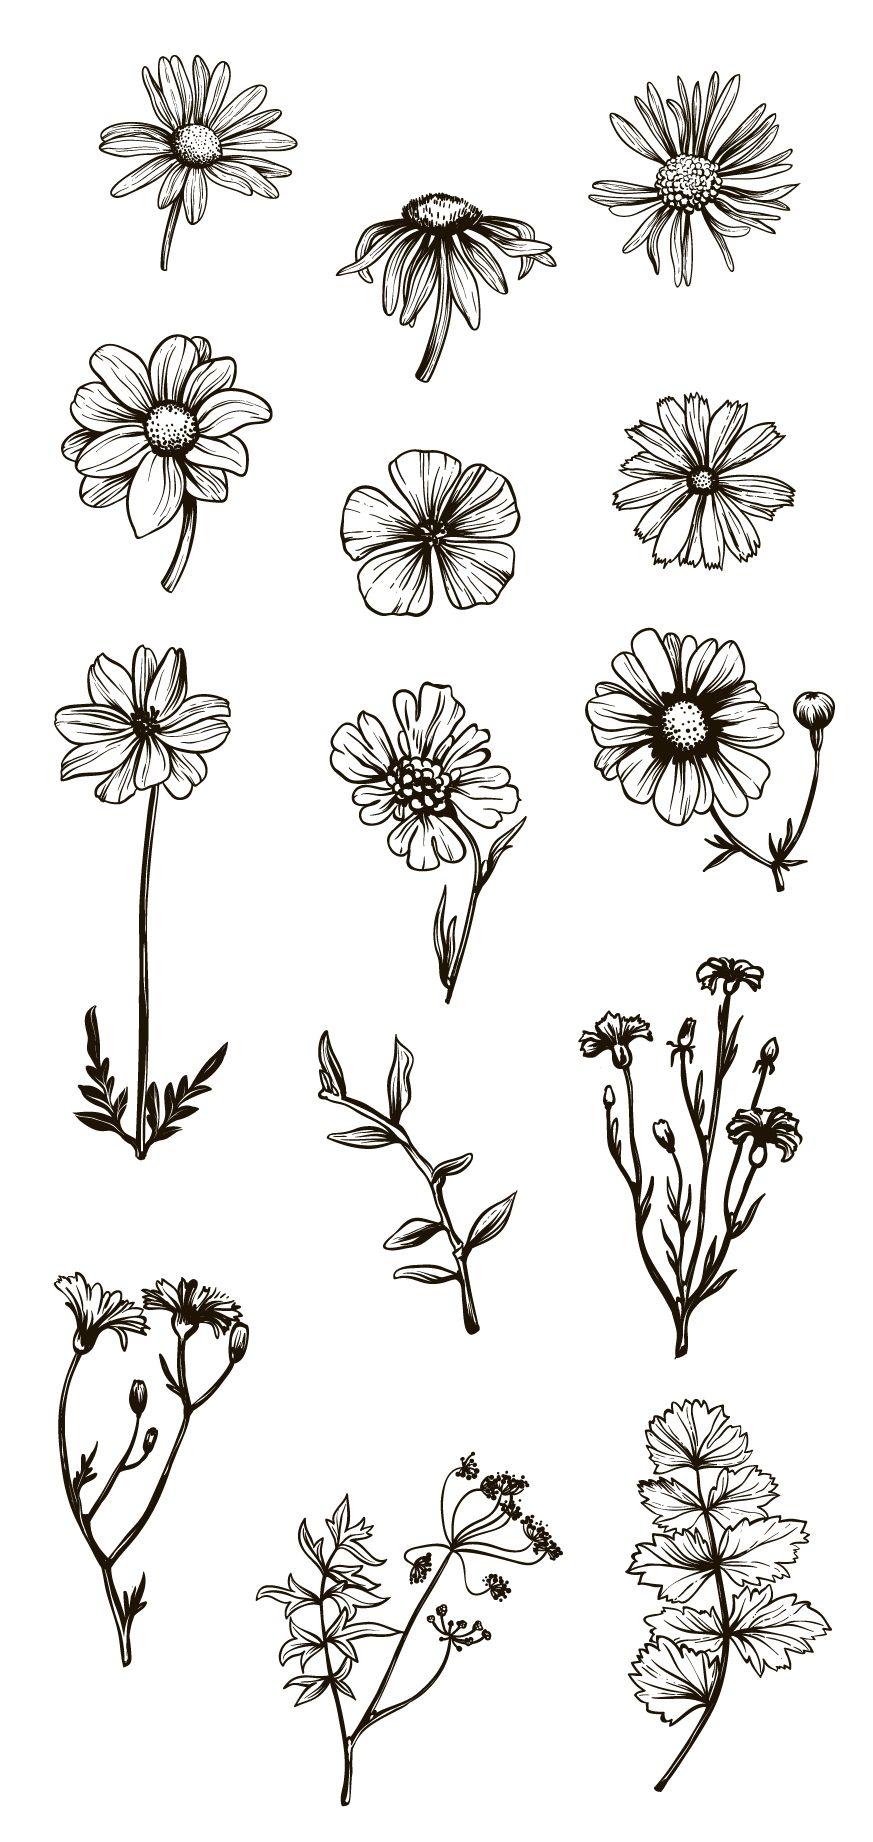 Vintage Flowers & Herbs by TatianaCociorva on Creative